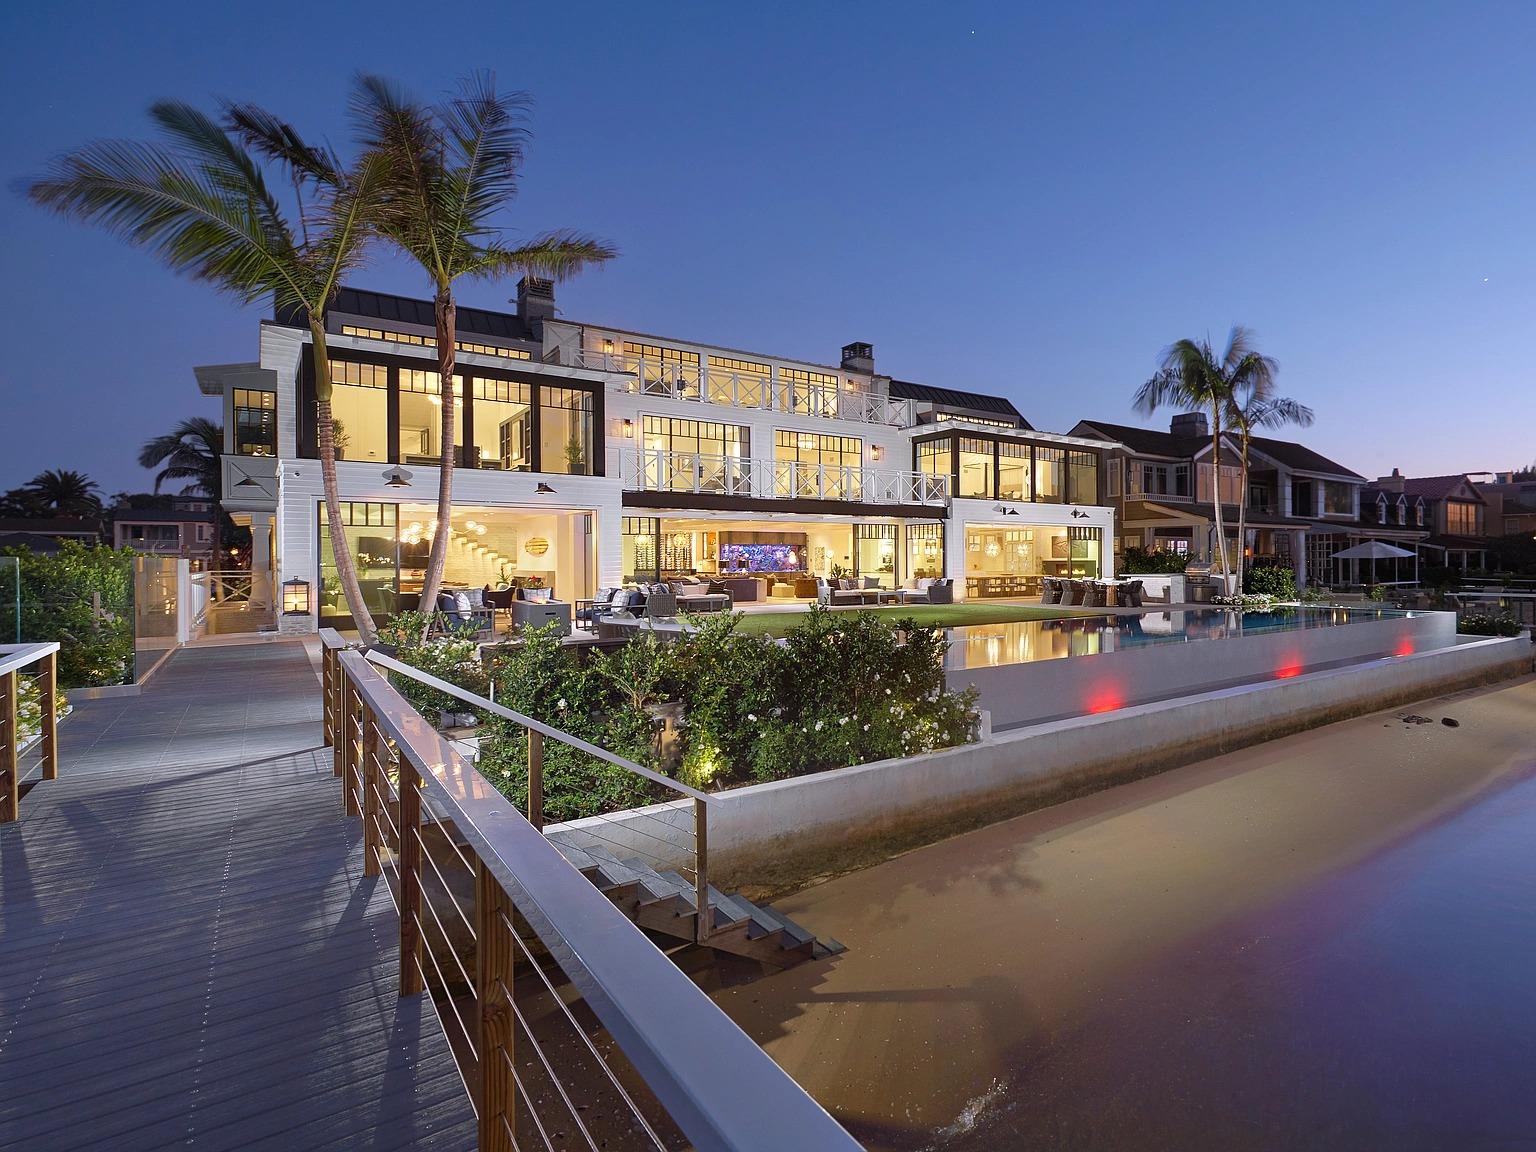 1813 E Bay Ave,Newport Beach, CA 92661